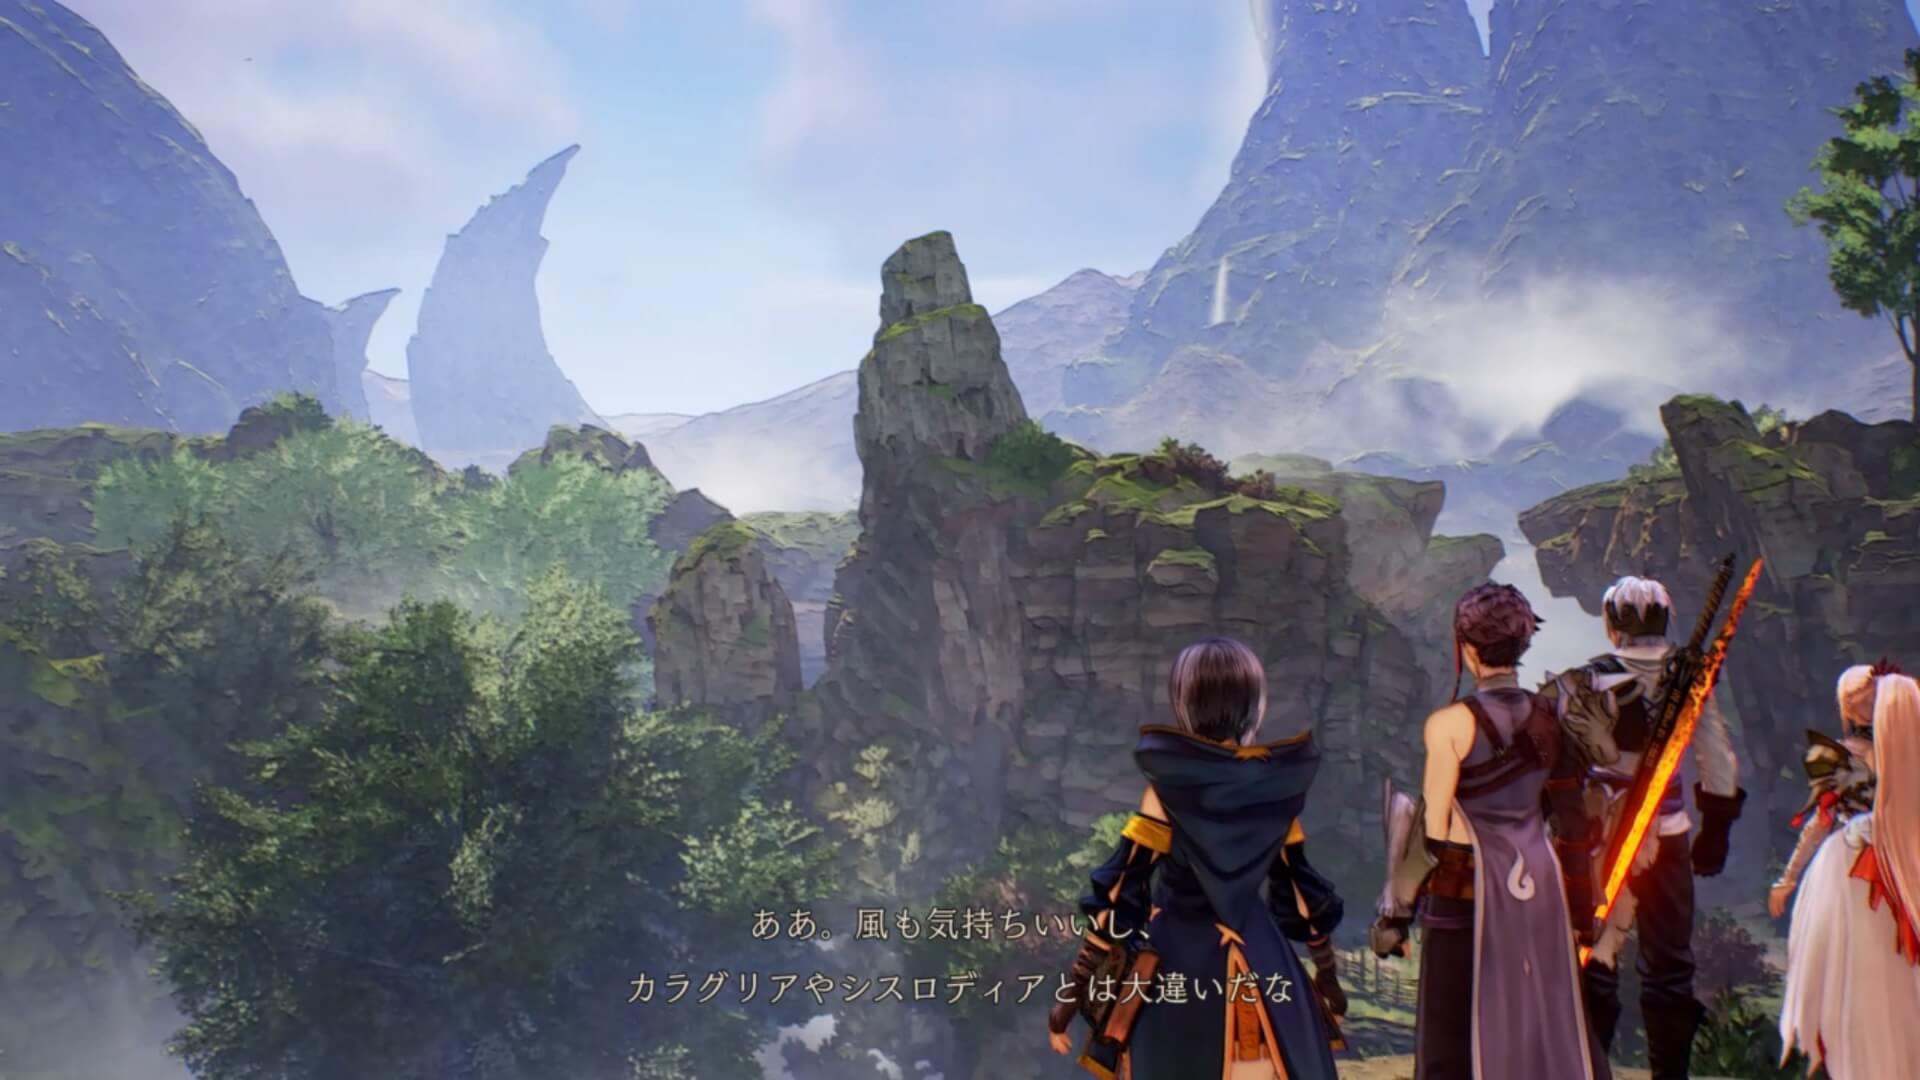 マップとダナフクロウの場所一覧『風望の丘』